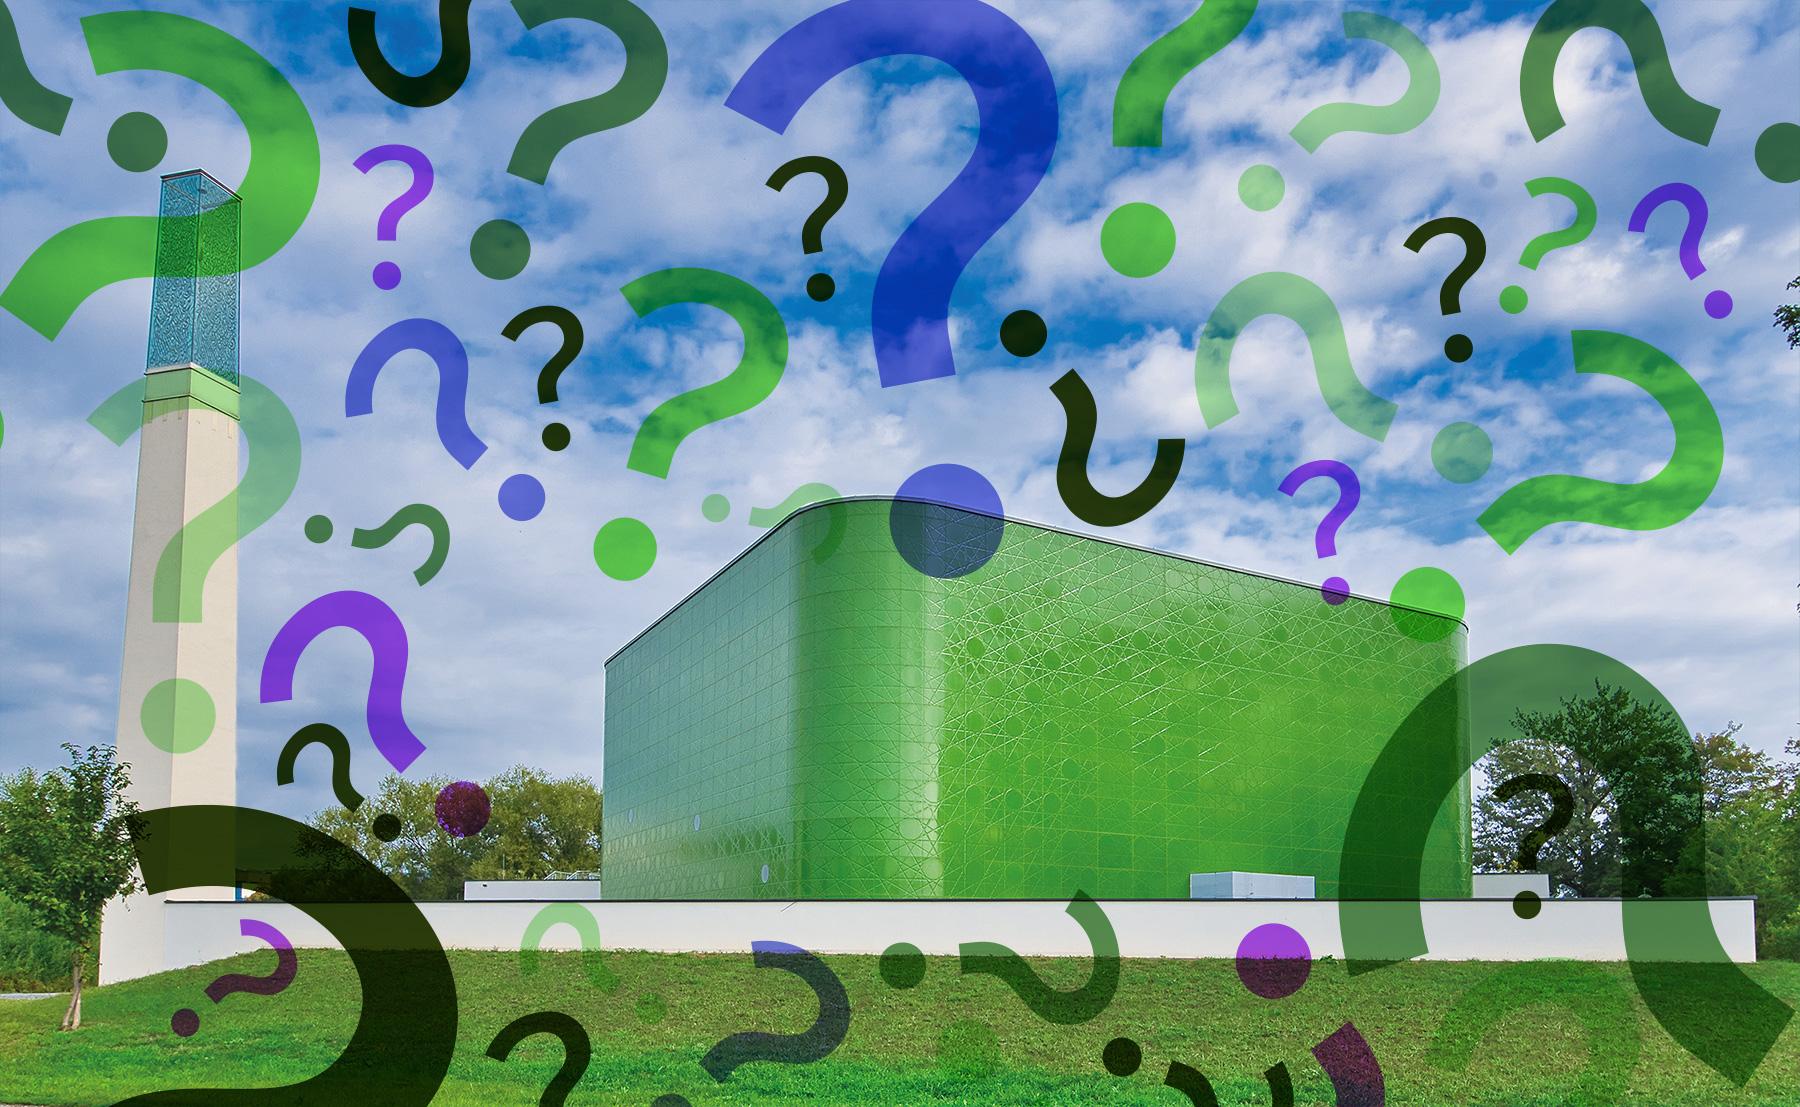 Grazer Moschee mit vielen Fragezeichen